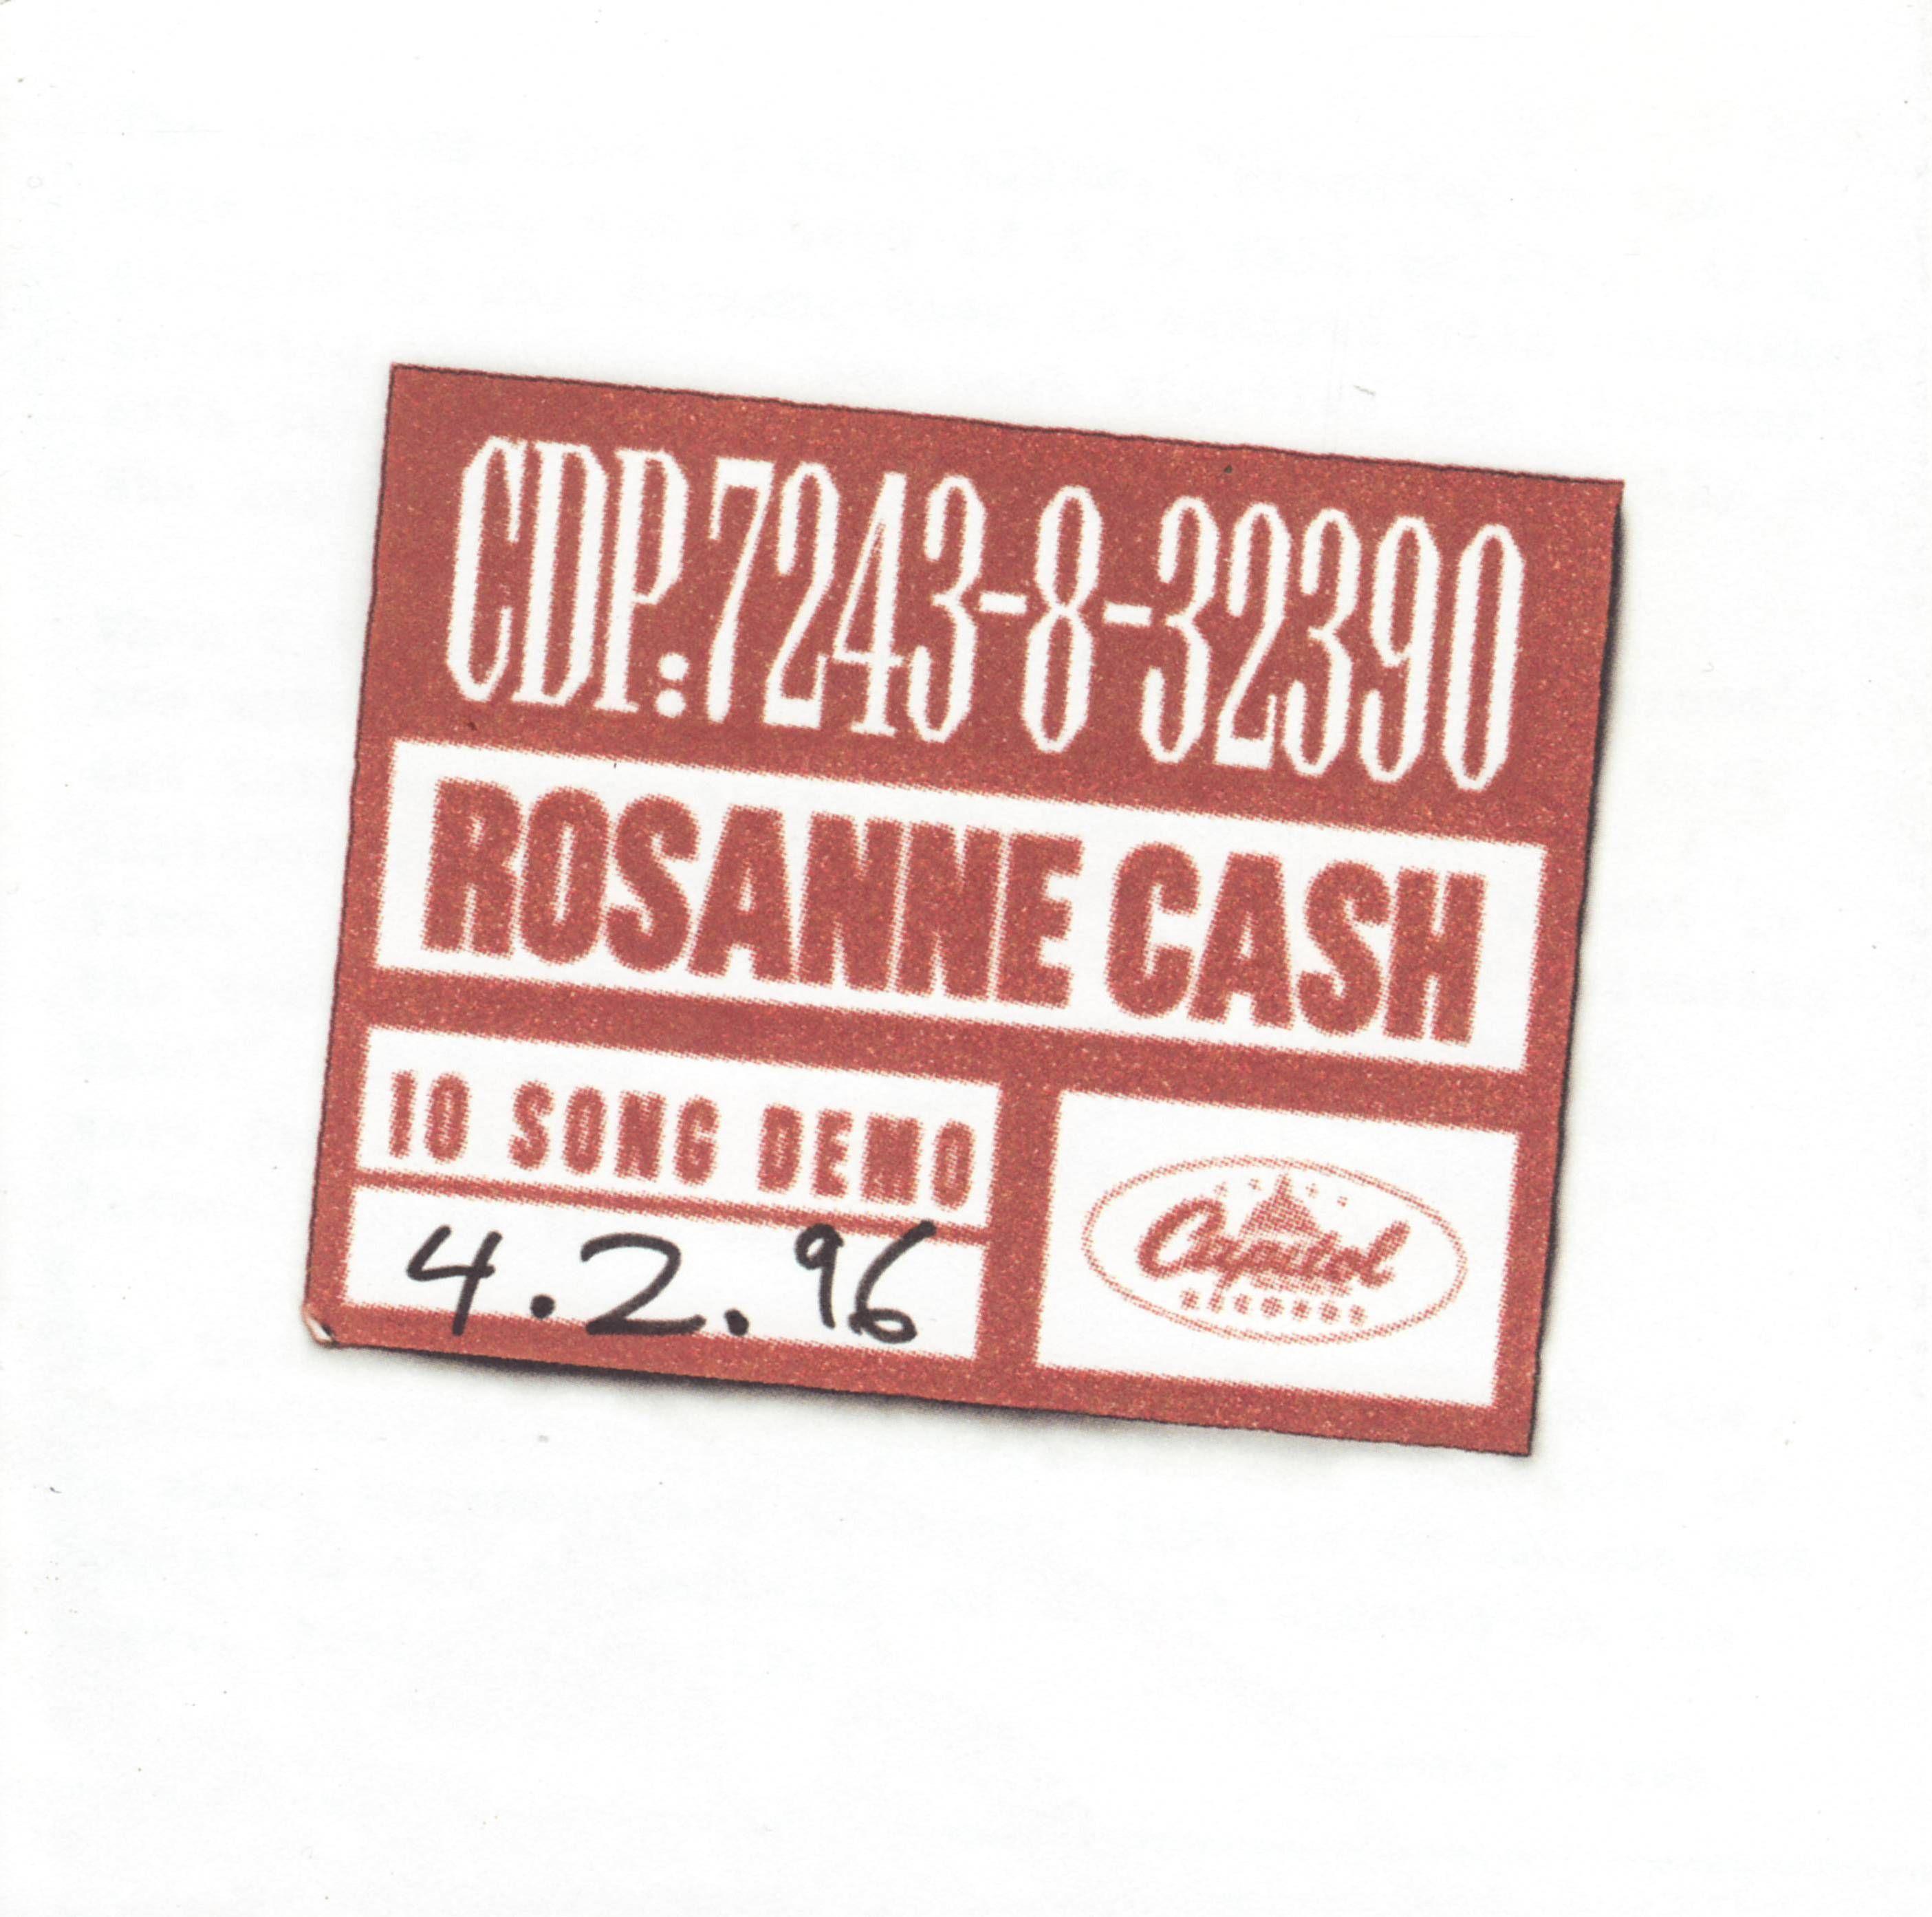 Rosanne Cash - 10 Song Demo Album Cover